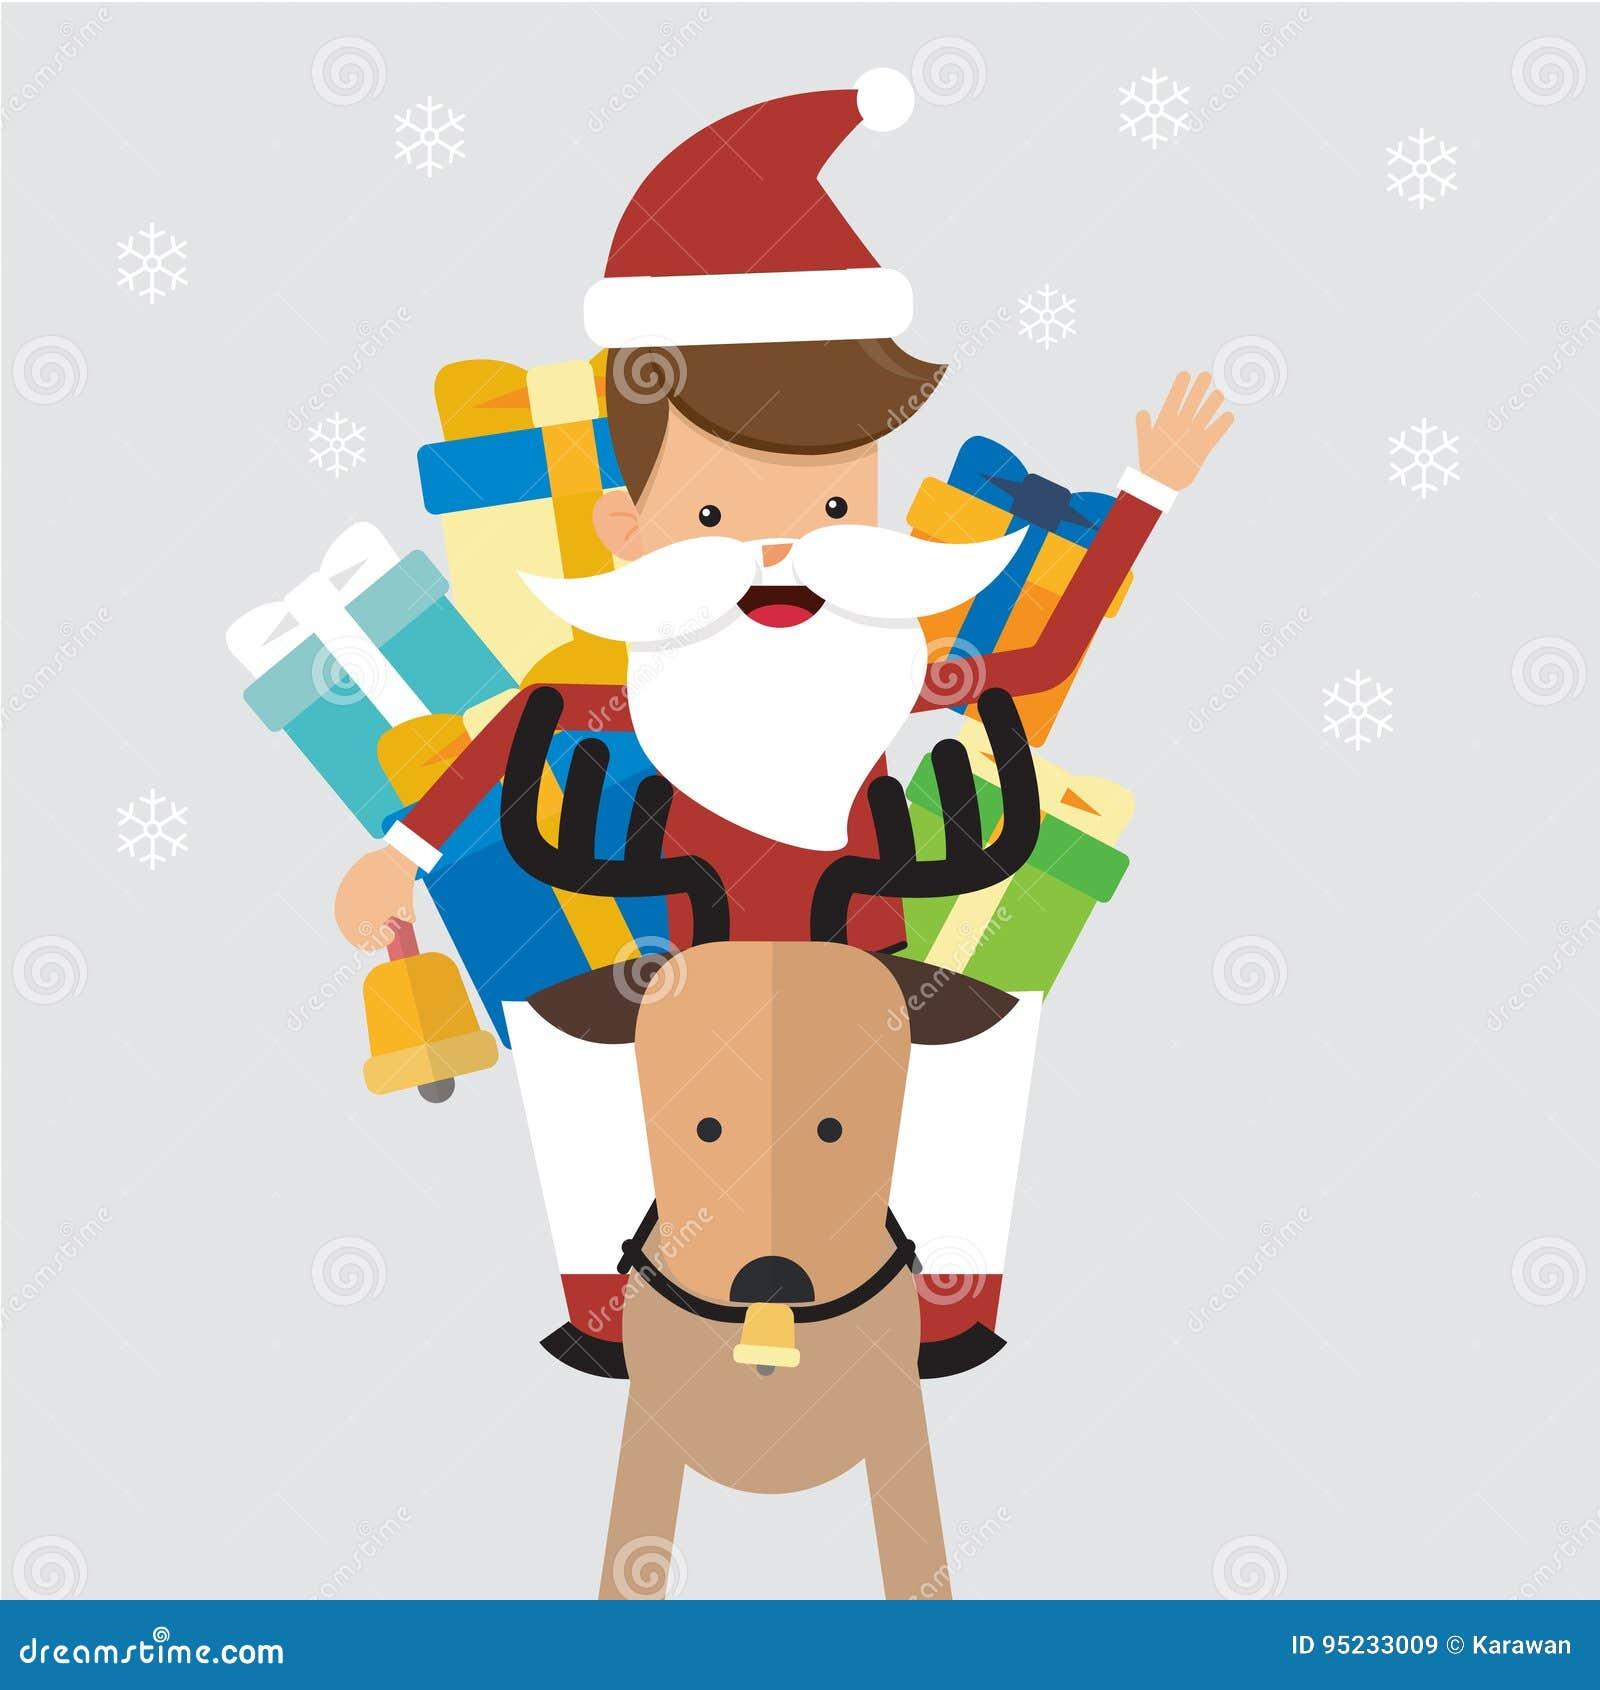 Presentaciones Feliz Navidad.Feliz Navidad Santa Claus Con El Reno Y Los Regalos Estilo